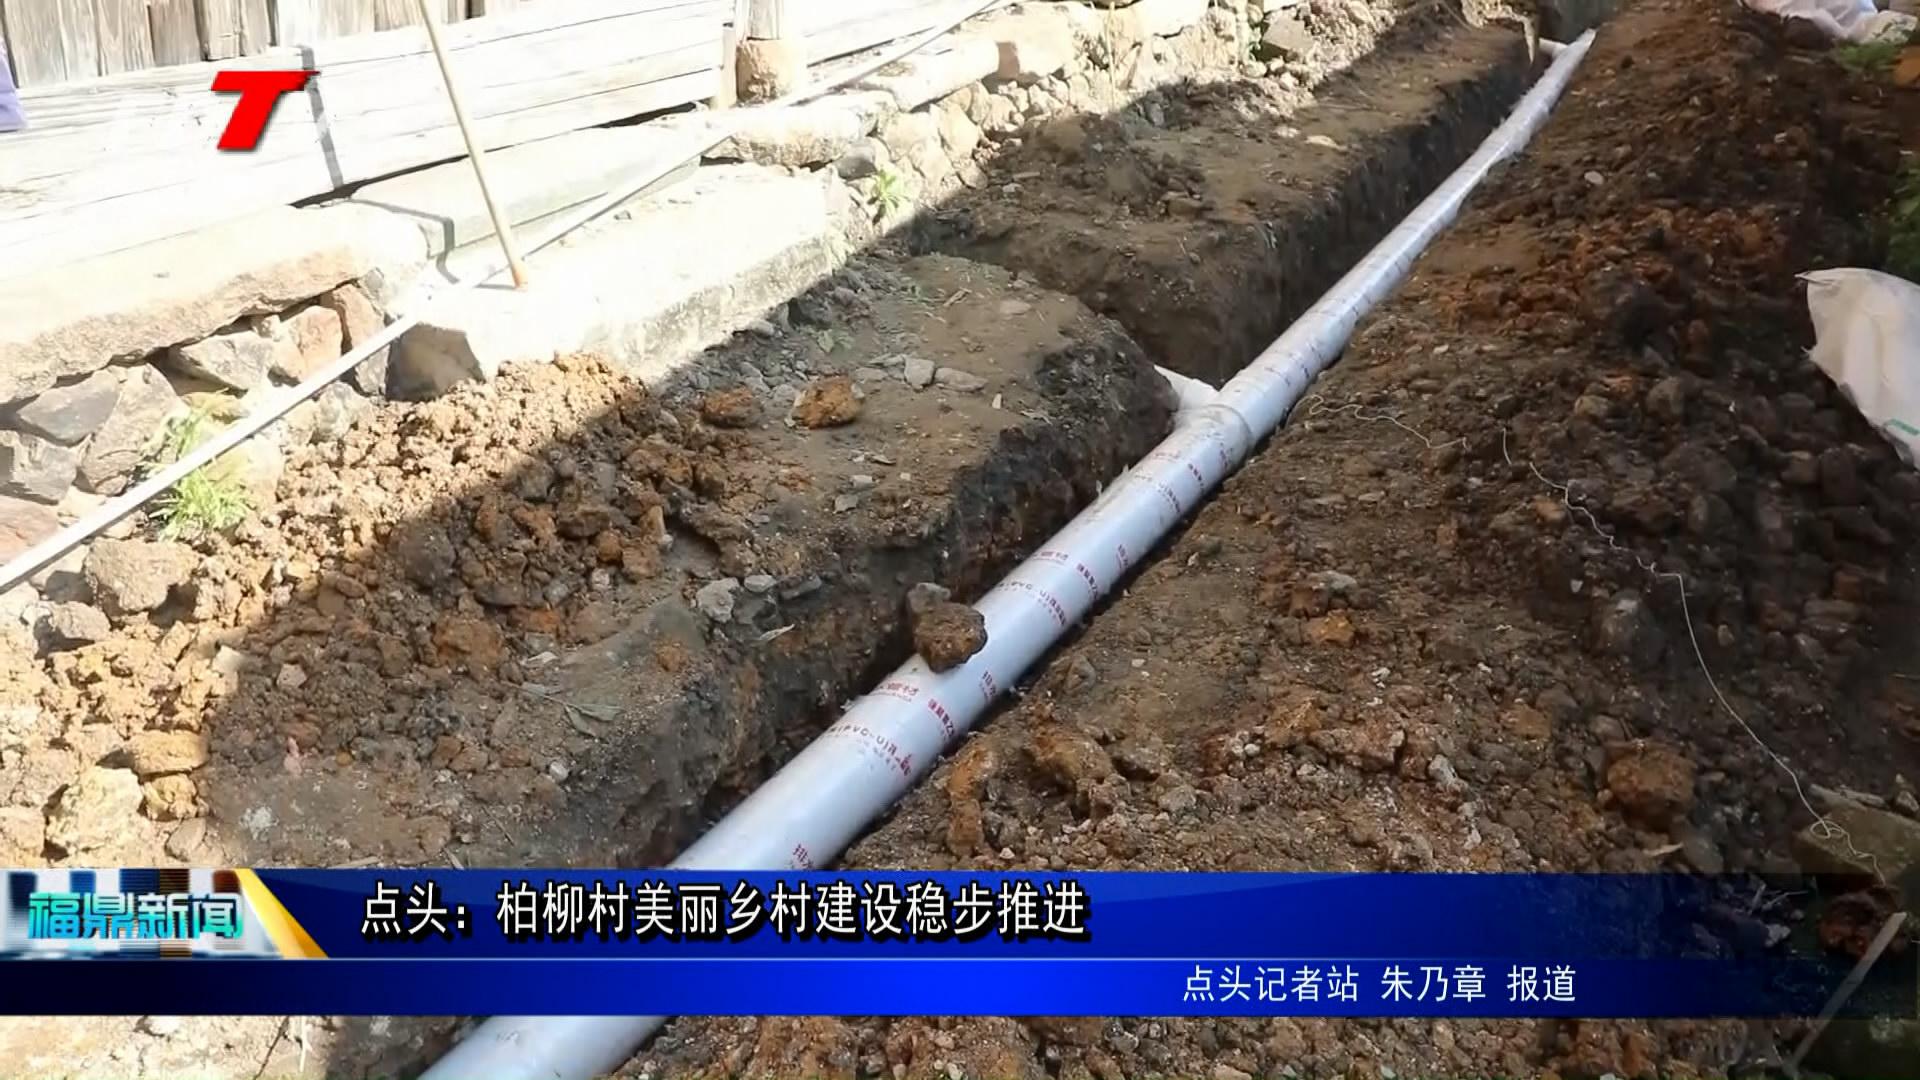 颔首:柏柳村优美墟落设置装备摆设稳步推进